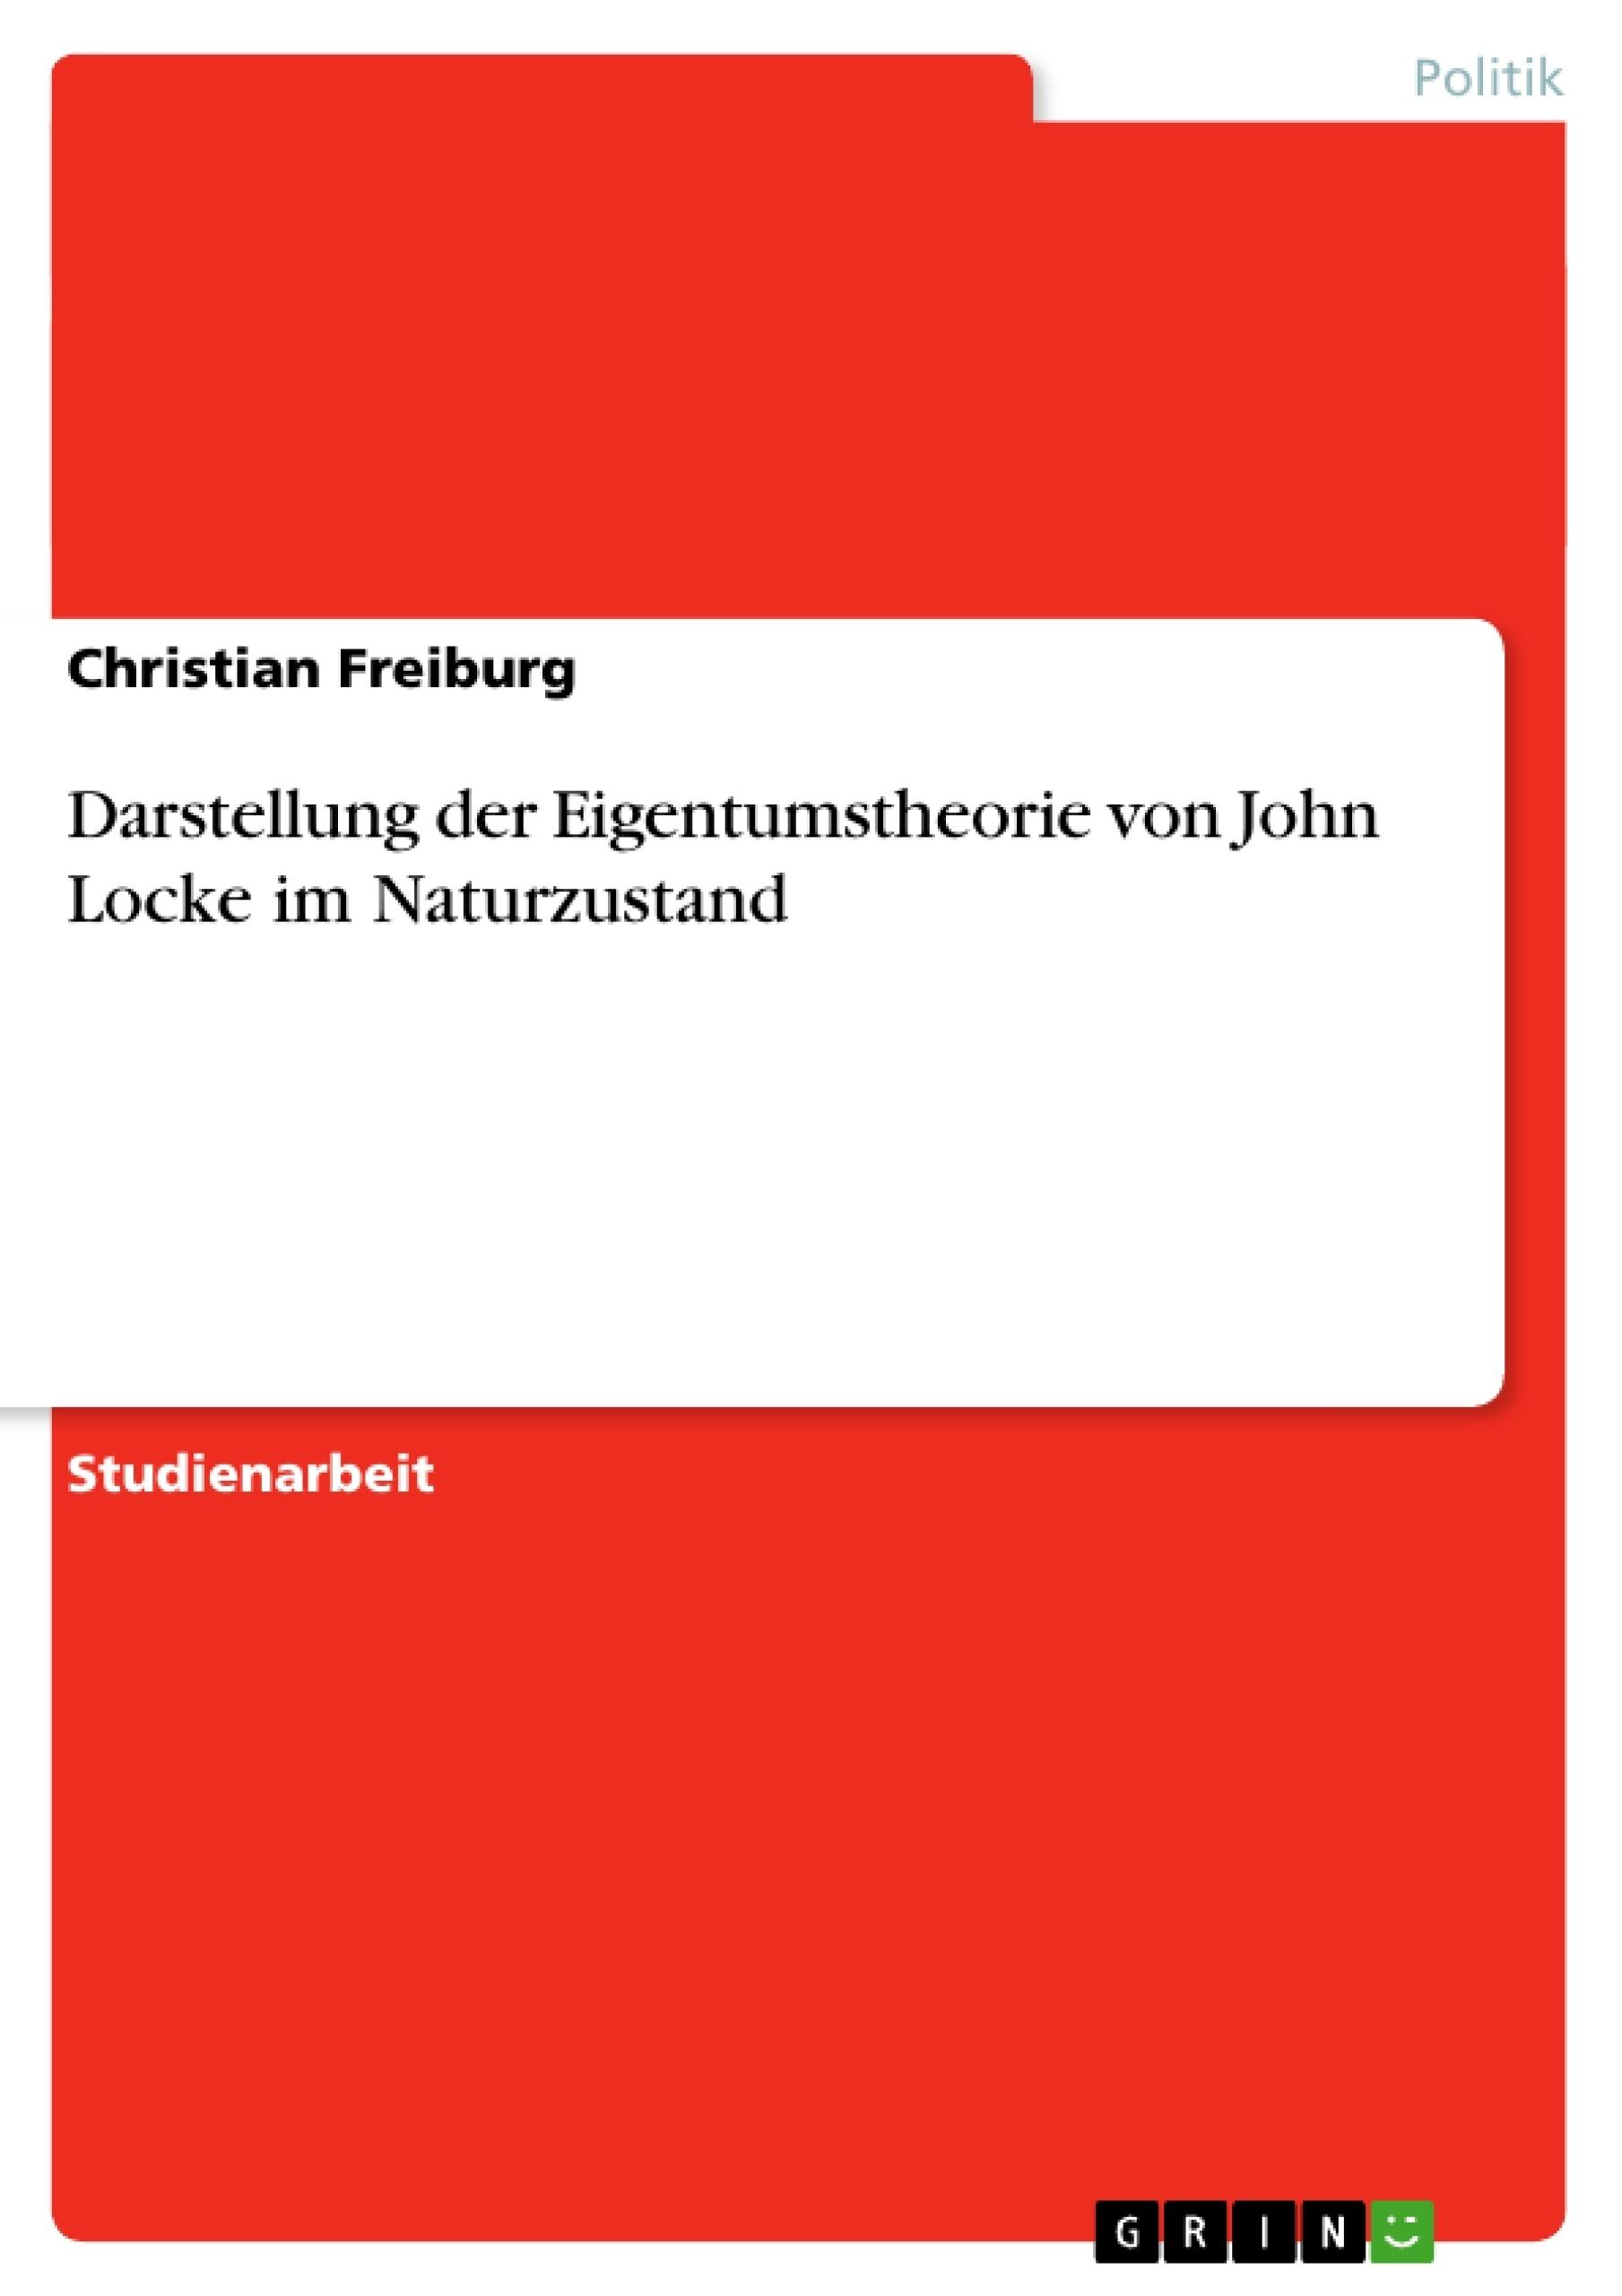 Titel: Darstellung der Eigentumstheorie von John Locke im Naturzustand